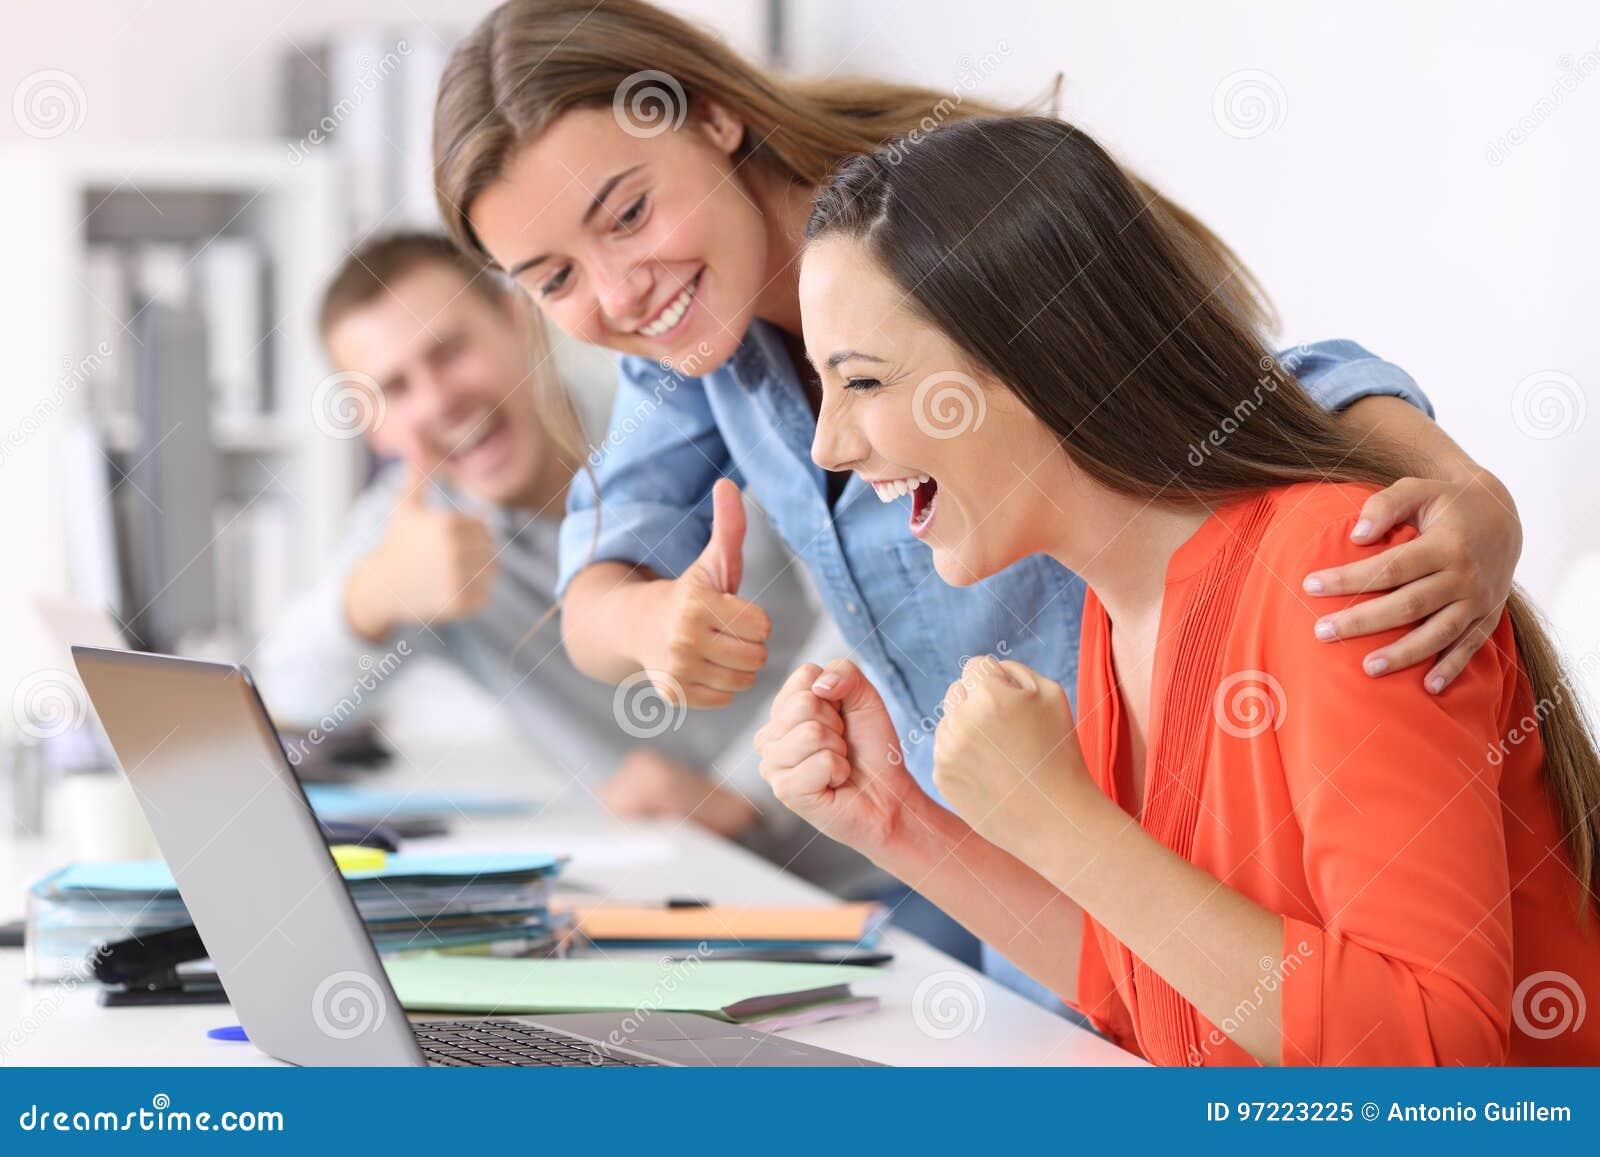 Υπάλληλος που δέχεται συγχαρητήρια από τους συναδέλφους